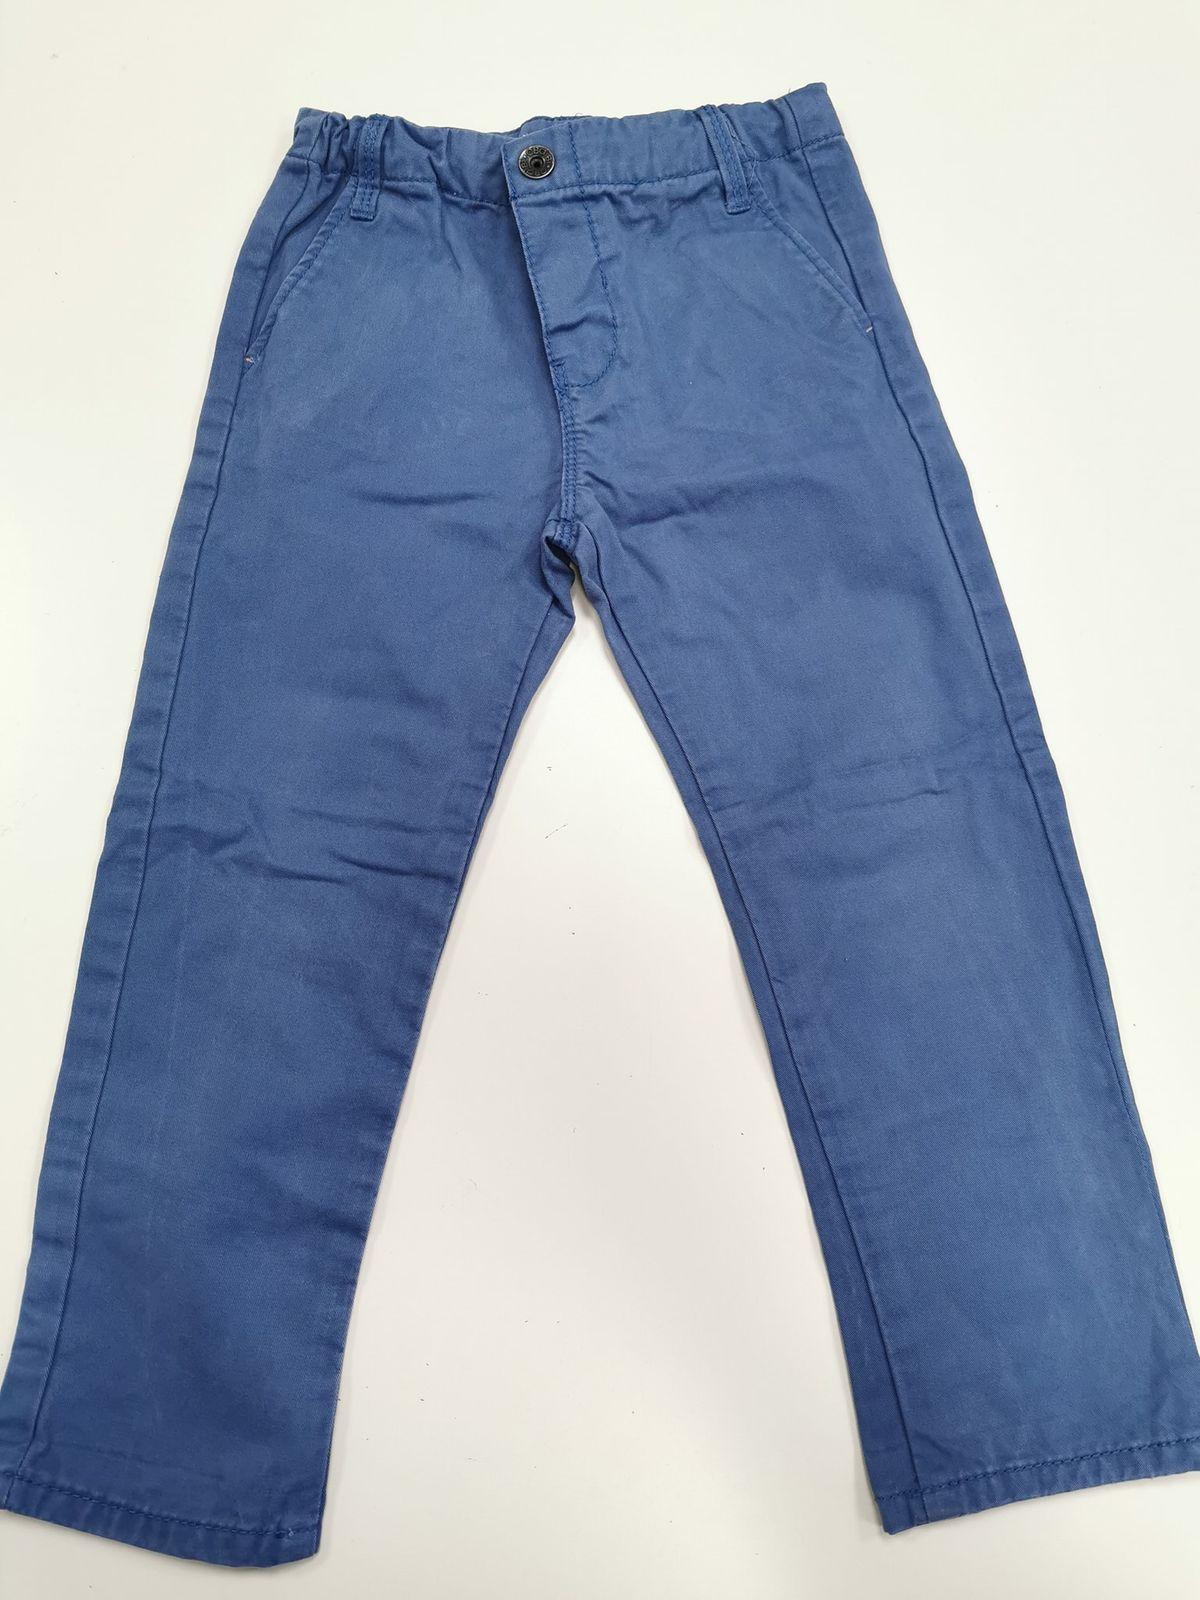 Obaibi pantalone azzurro 3 anni 12085 Euro 8,90